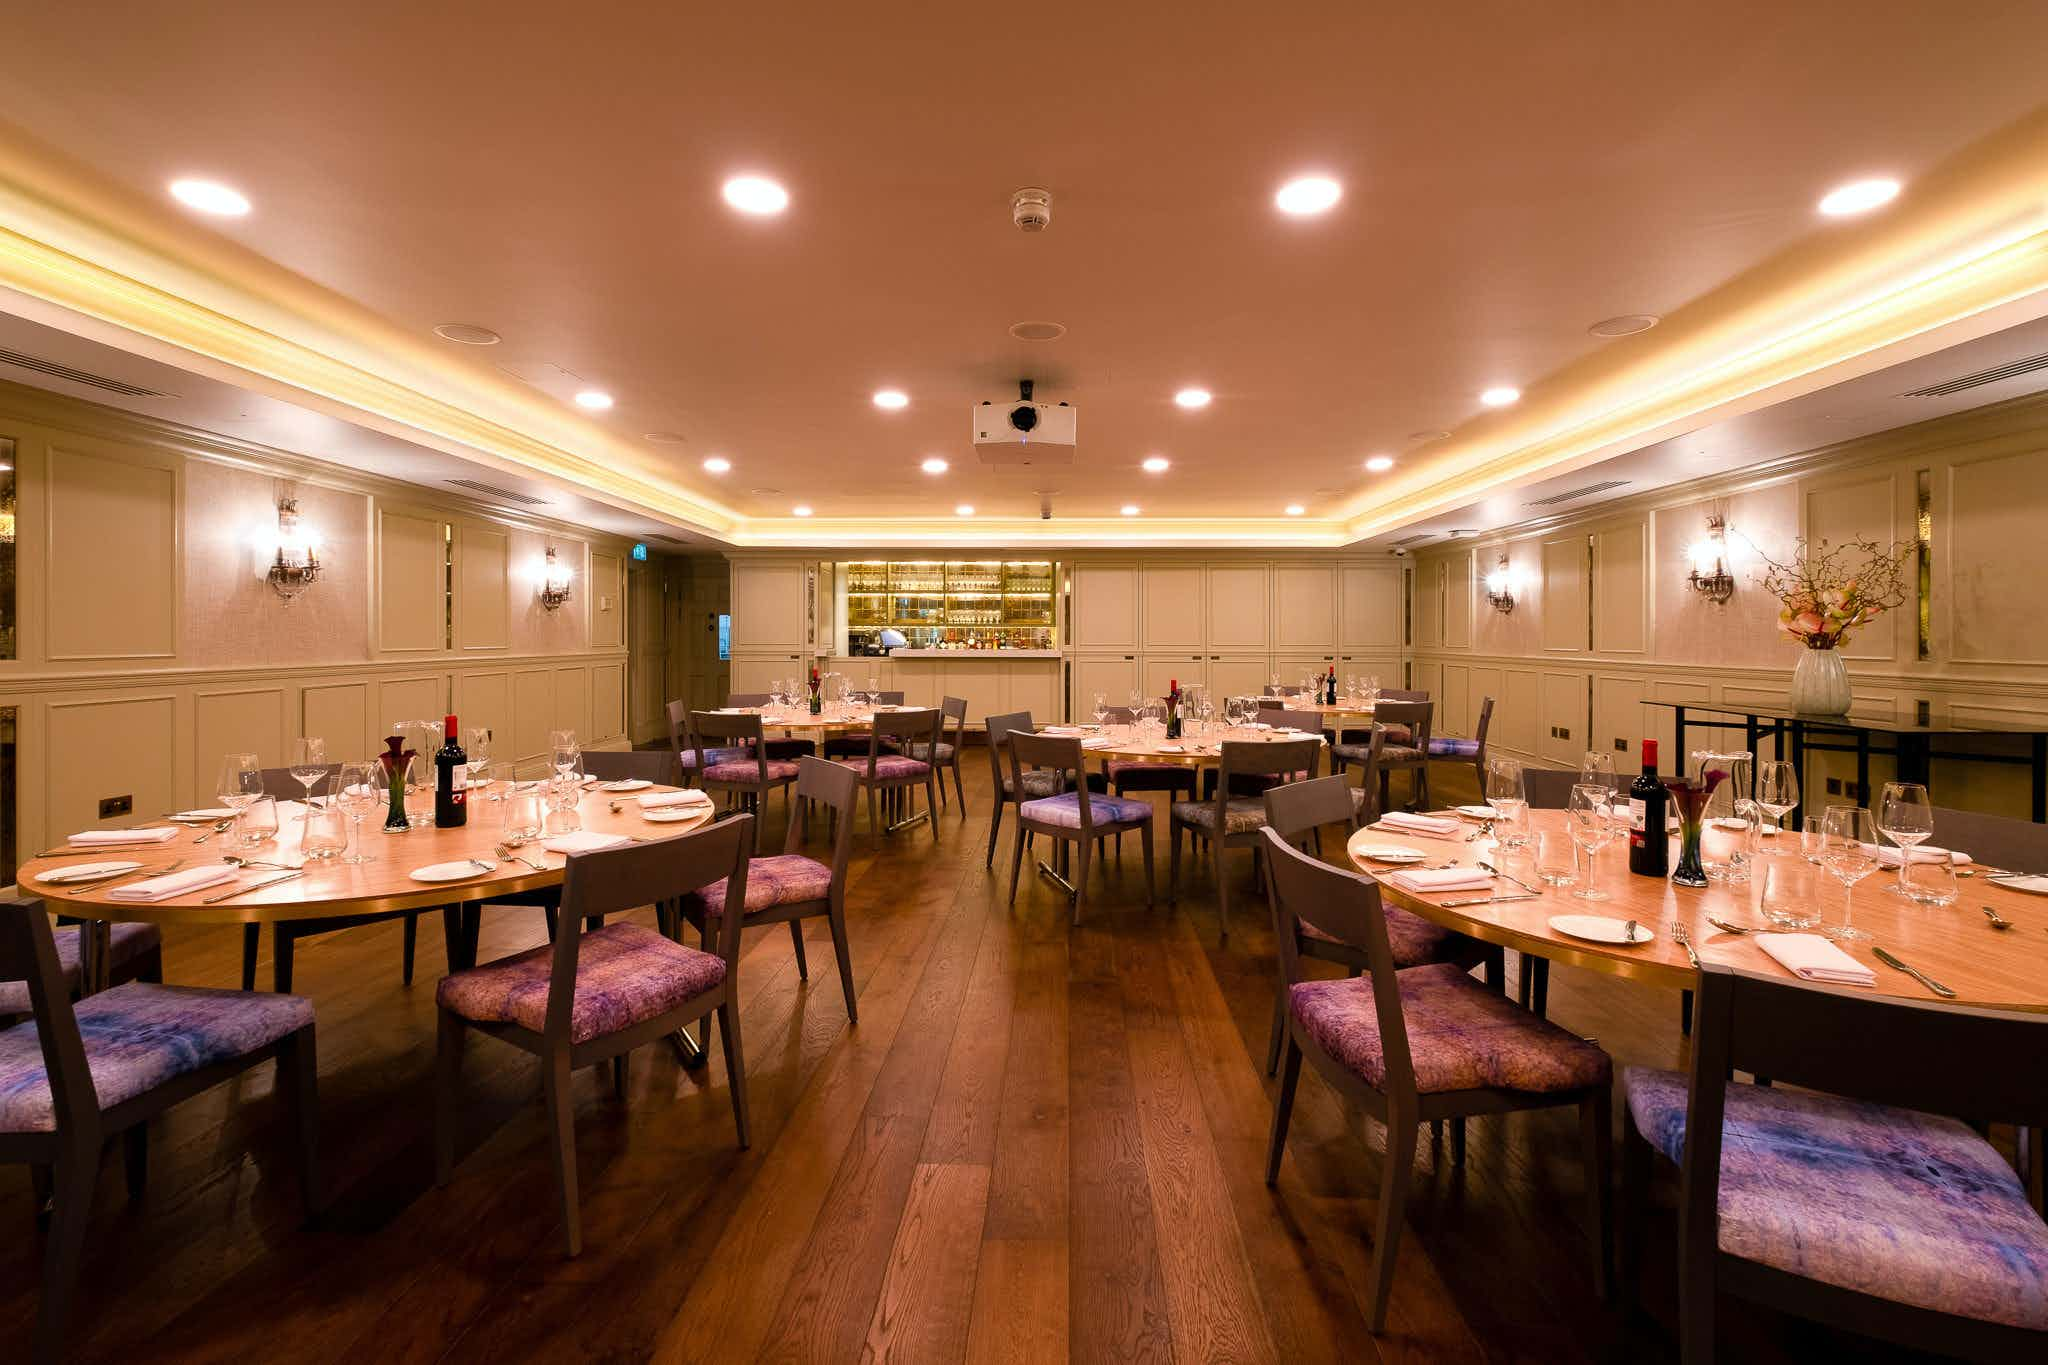 Montagu Room, Home Grown Club